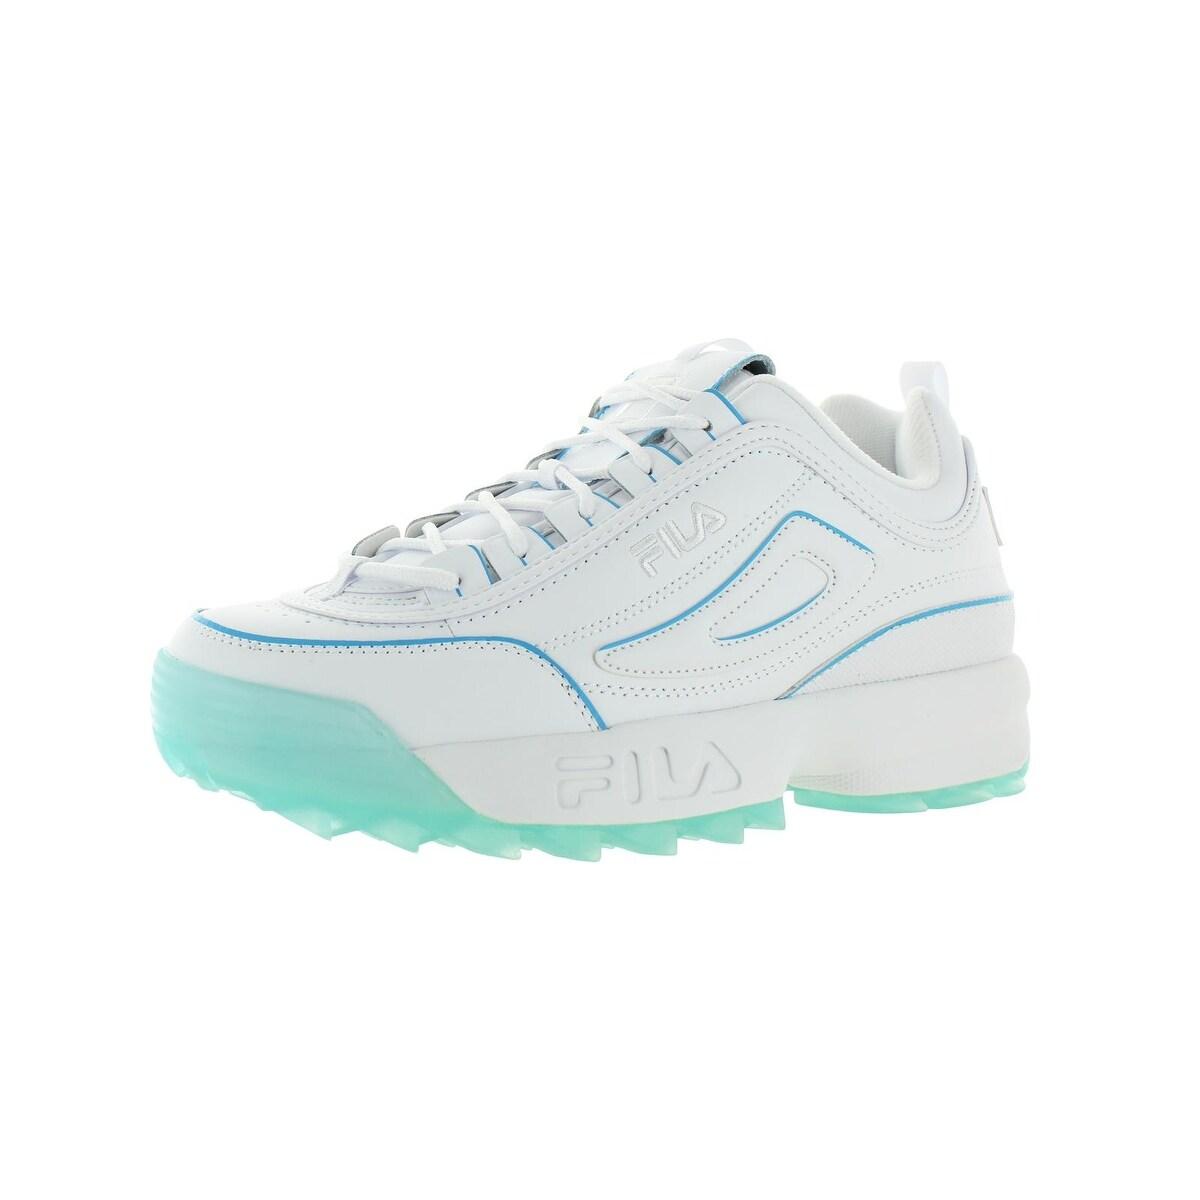 Fila Womens Disruptor II ICE Fashion Sneakers Leather Low Top